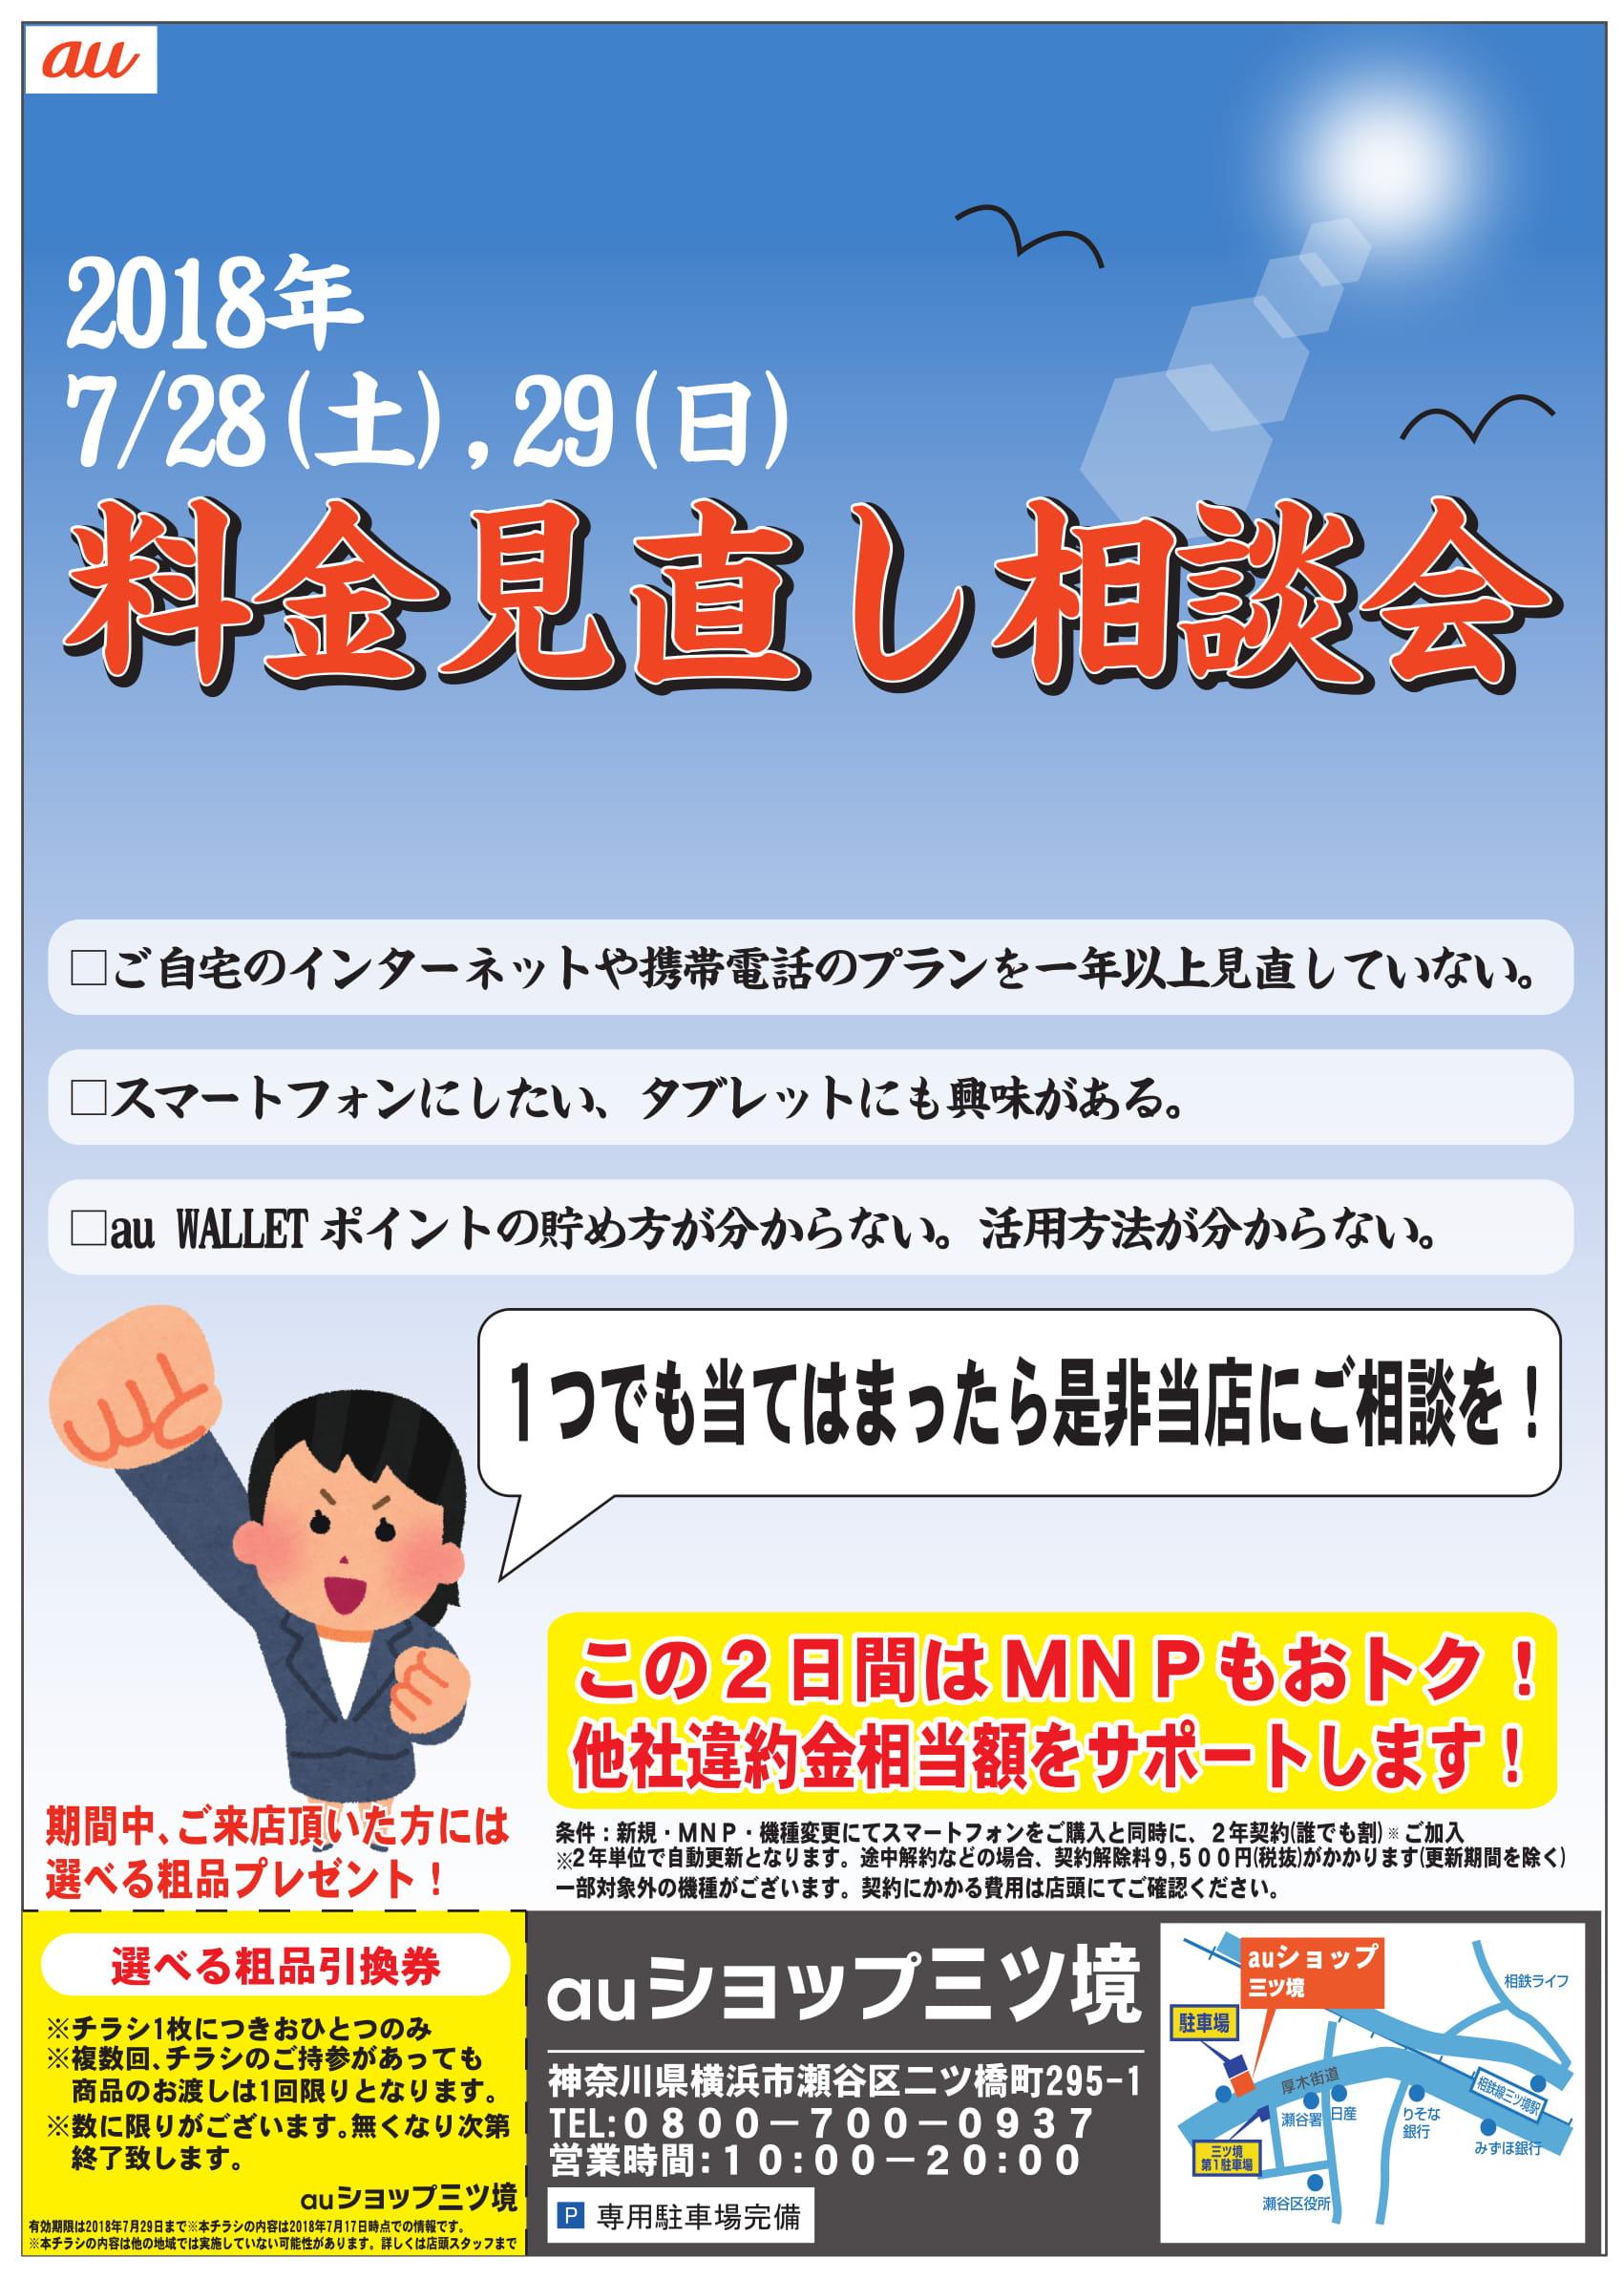 料金相談会チラシ(auショップ三ツ境).compressed (1)-1